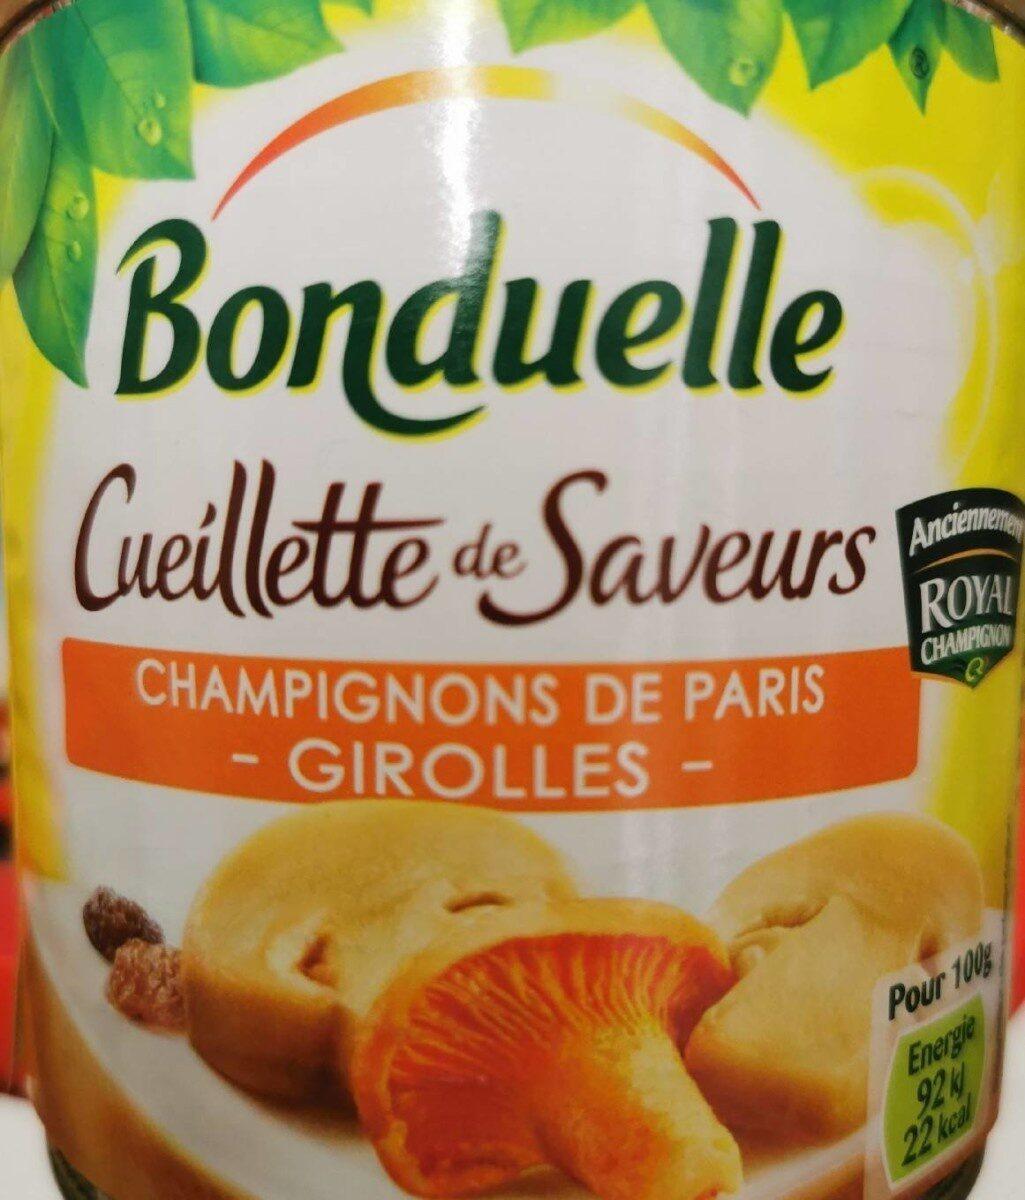 Champignons de Paris Girolles - Produit - fr